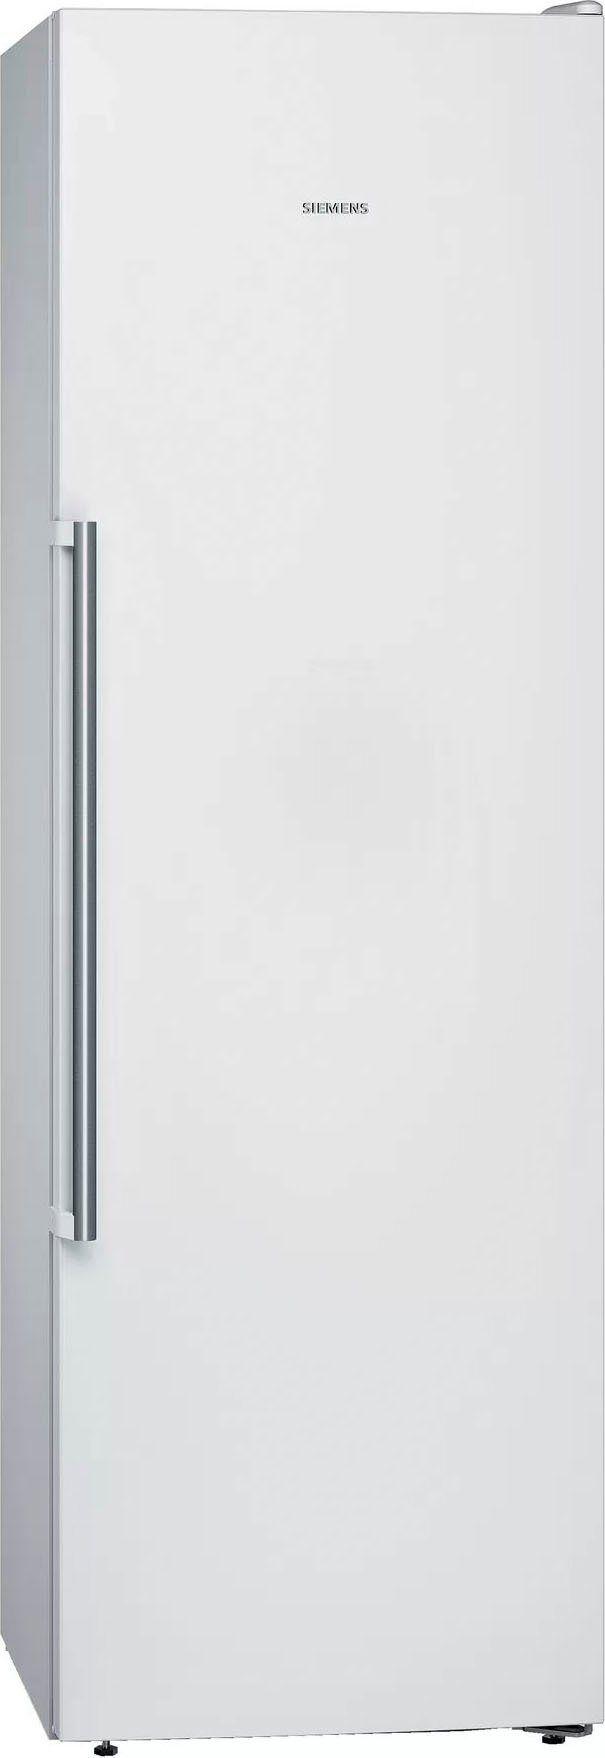 Siemens Gefrierschrank iQ500 GS36NAWEP, 186 cm hoch, 60 cm breit, weiß, Energieeffizienzklasse A++